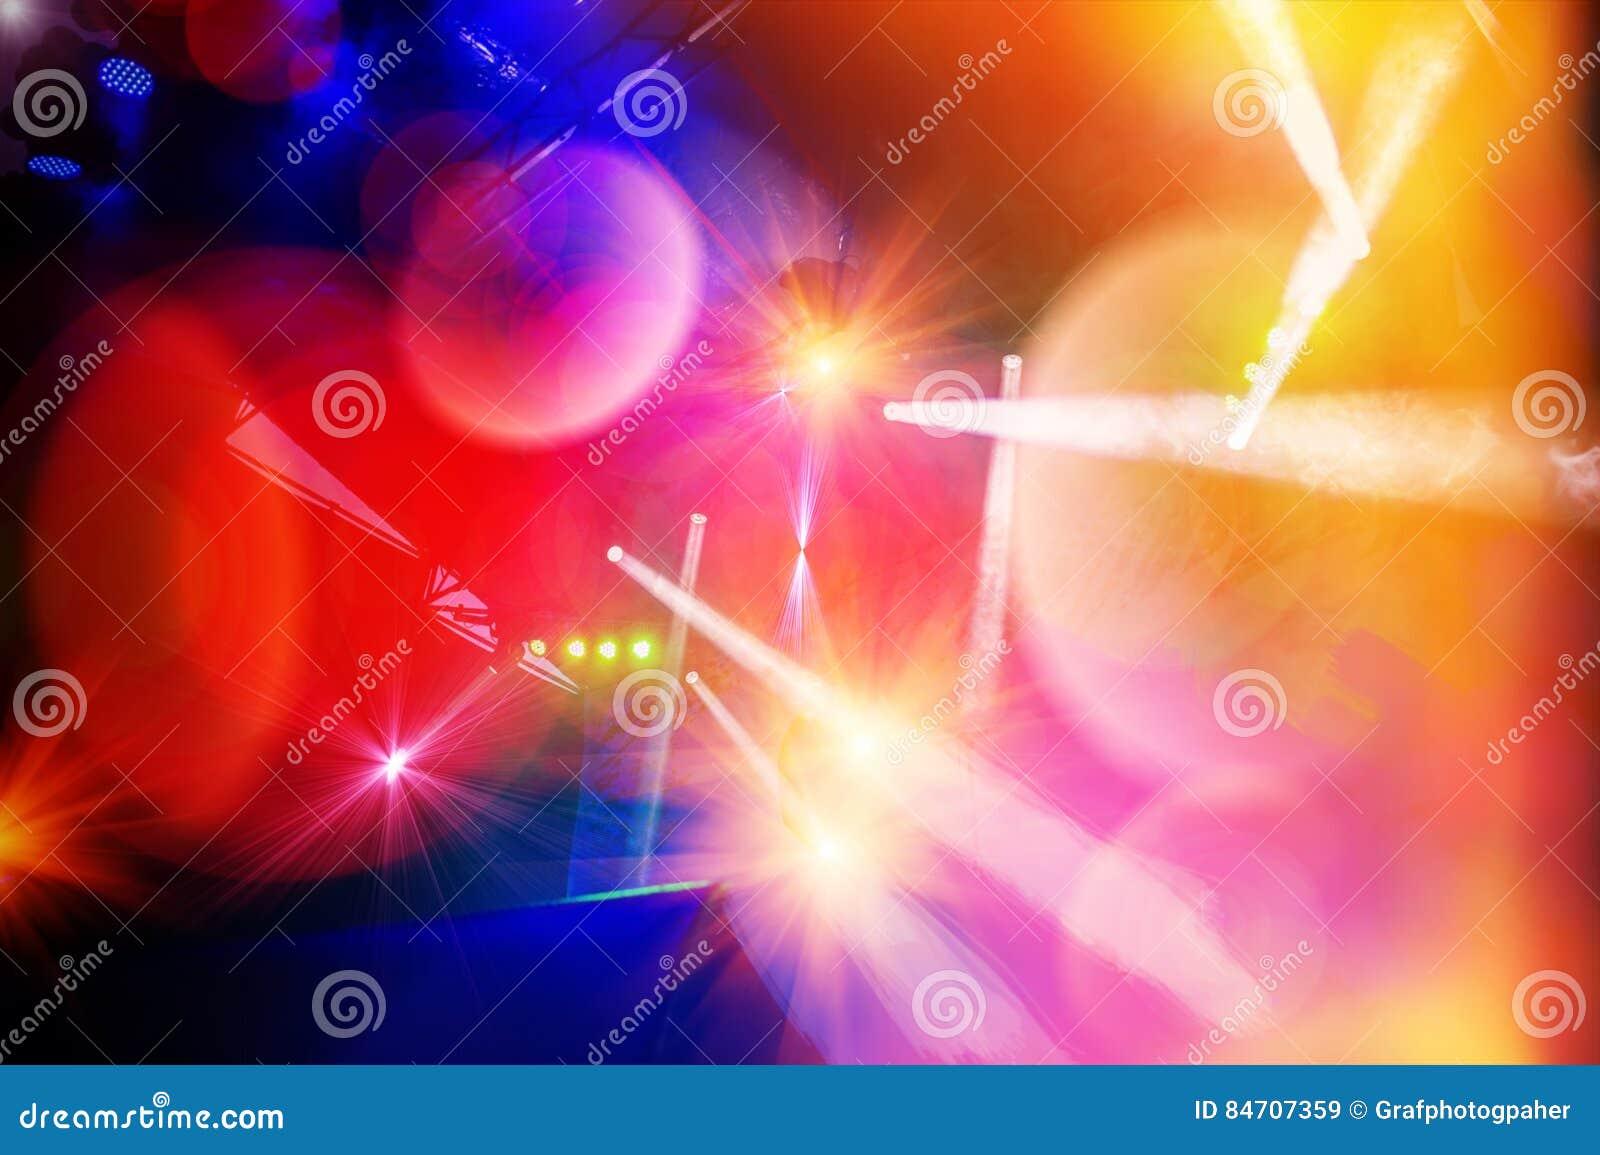 Φωτισμός σκηνών συναυλίας και αποτελέσματα φωτισμού